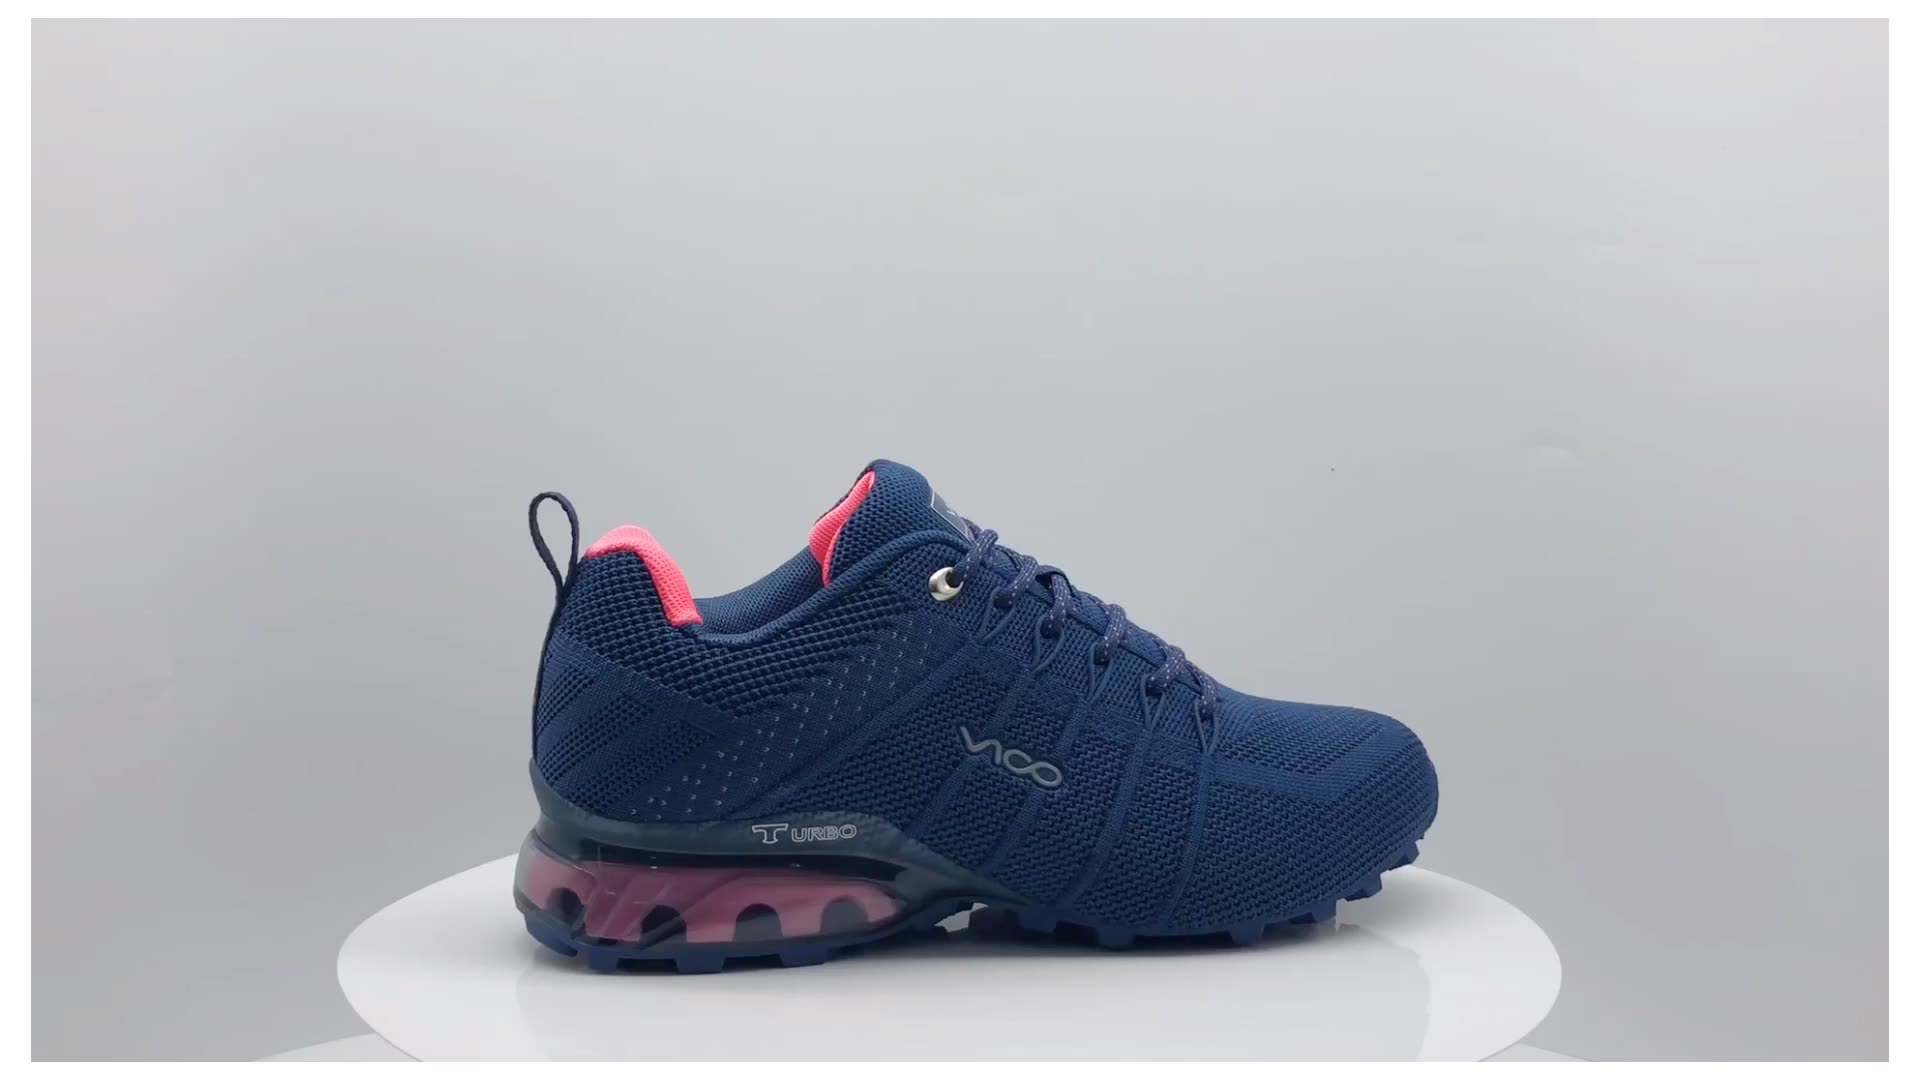 패션 EVA 고무 솔 도매 실행 메쉬 패브릭 최대 스포츠 신발